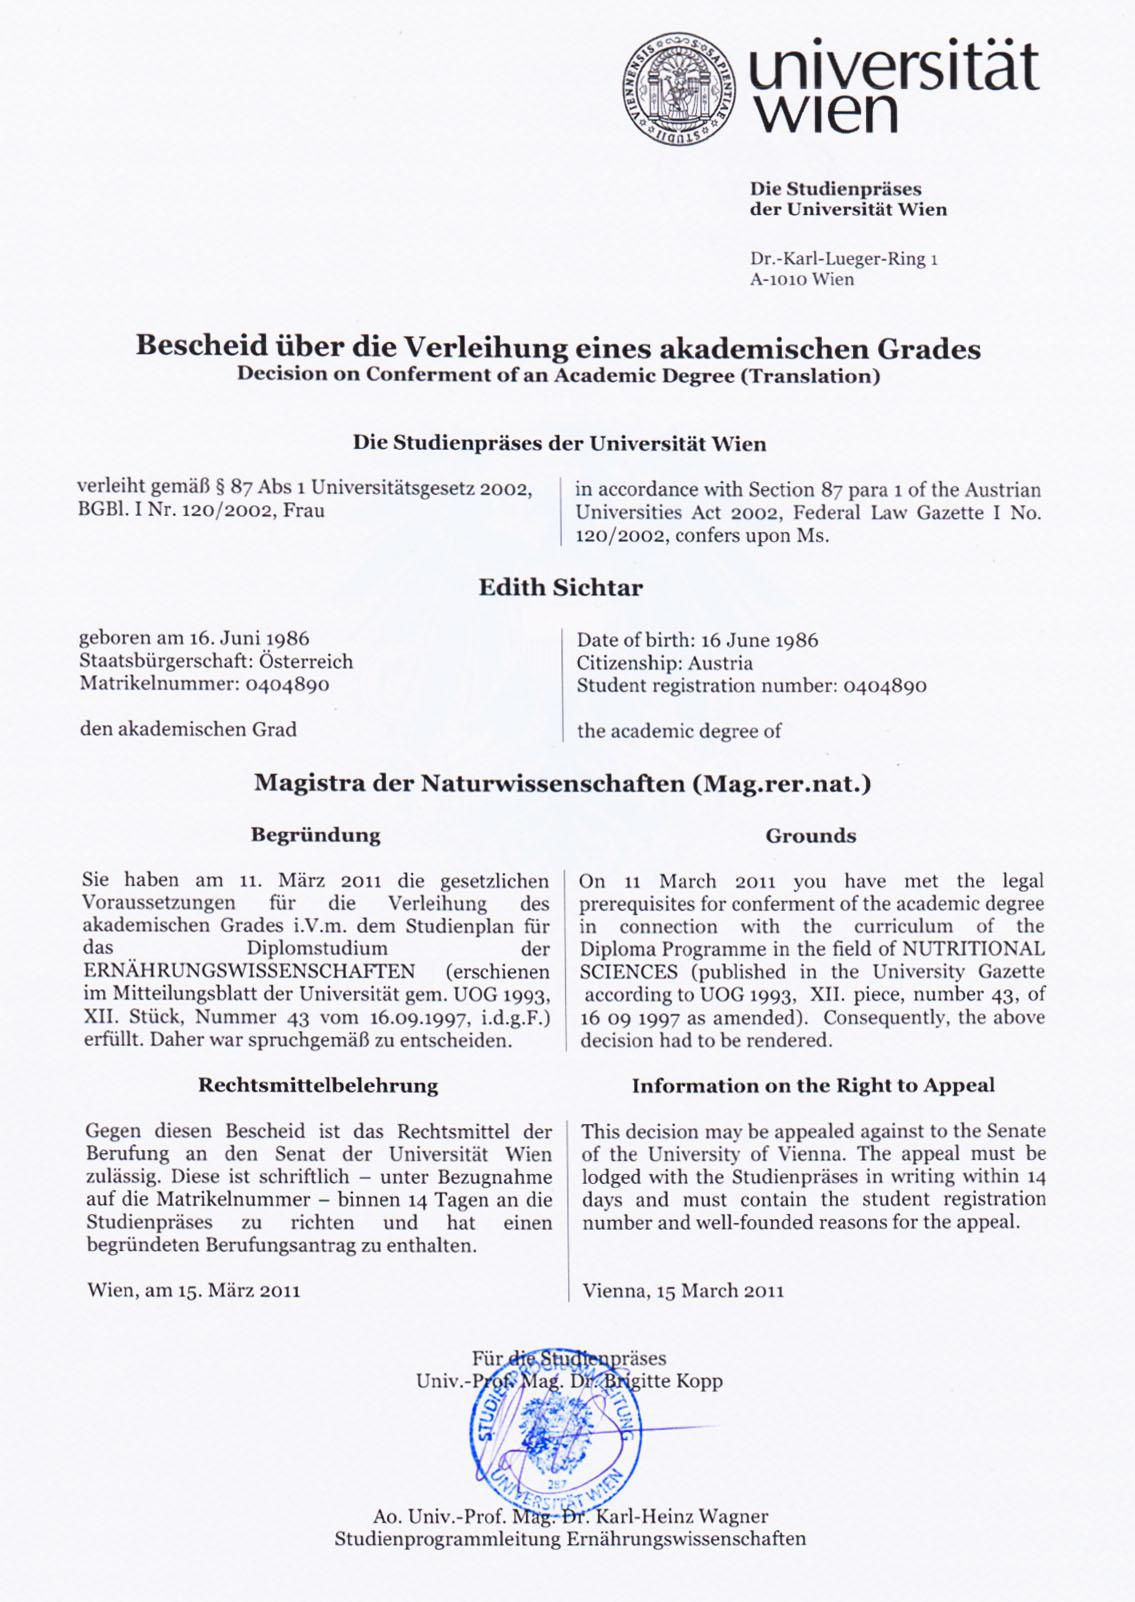 Edith Sichtar, Akademischer Grad, Wien